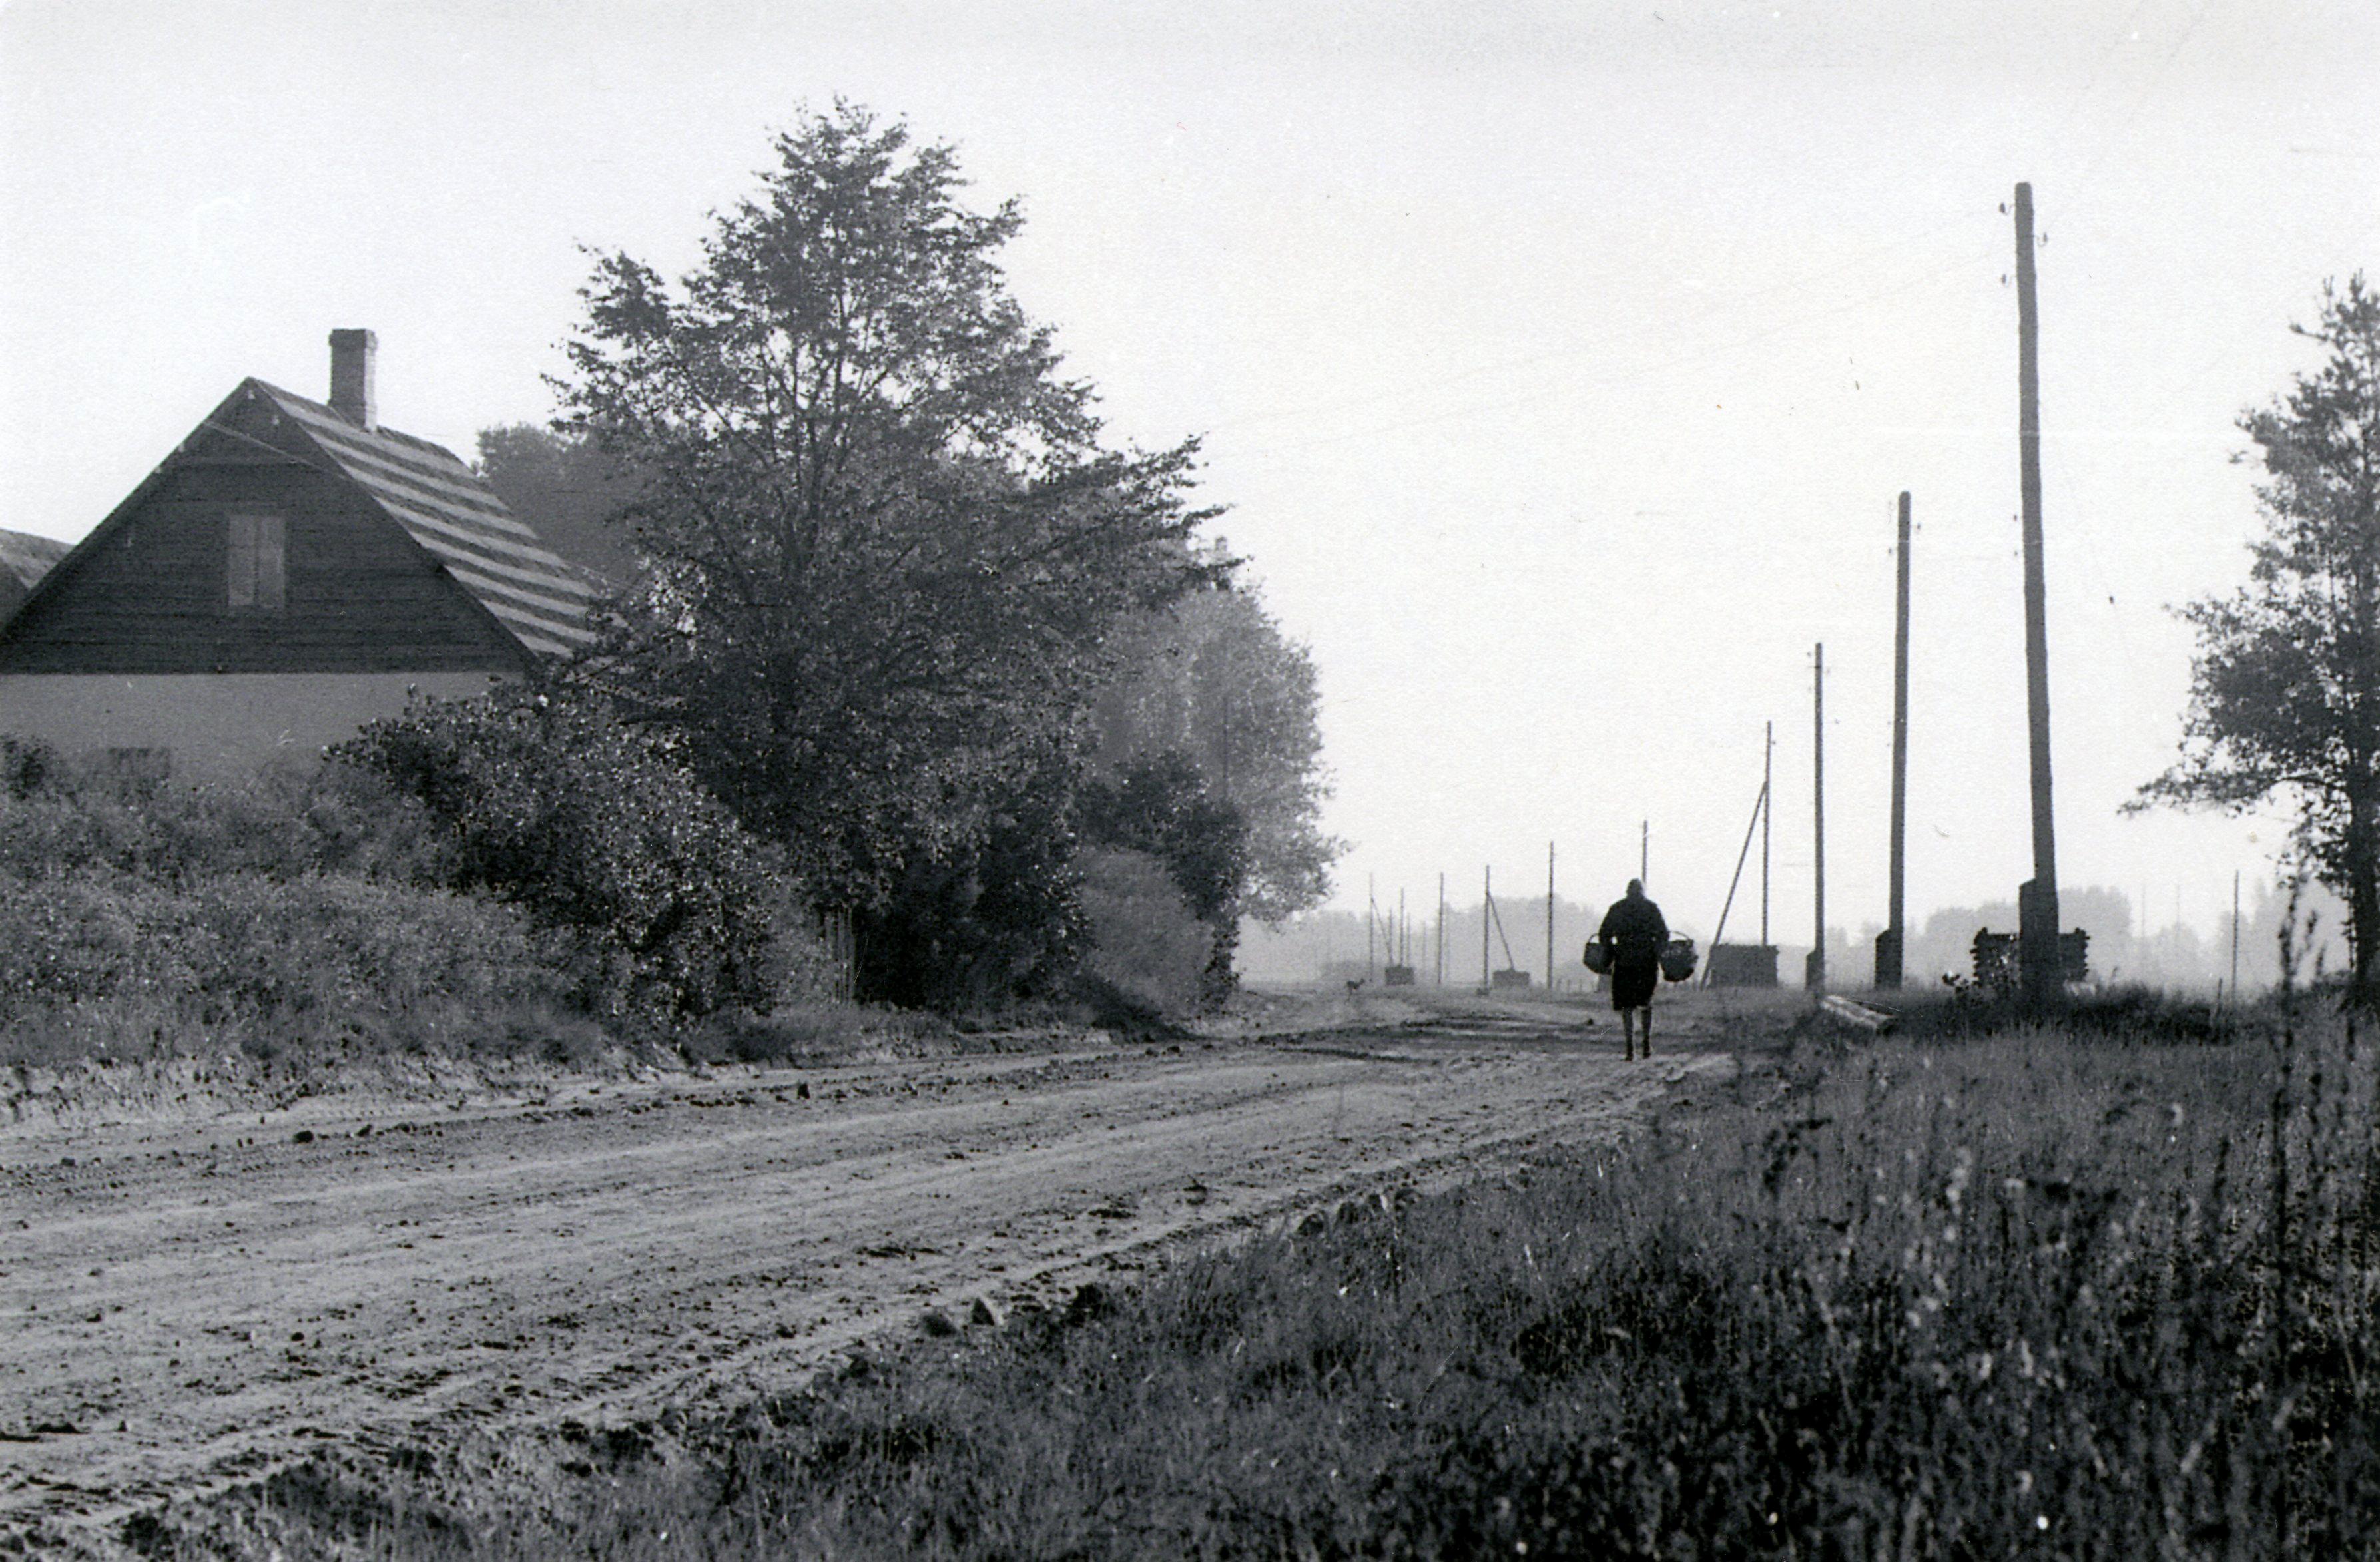 Indrāni – Kalseru dzimtas trešā atzara māja. 20. gs. 60. gadi. K. Kalsera arh.